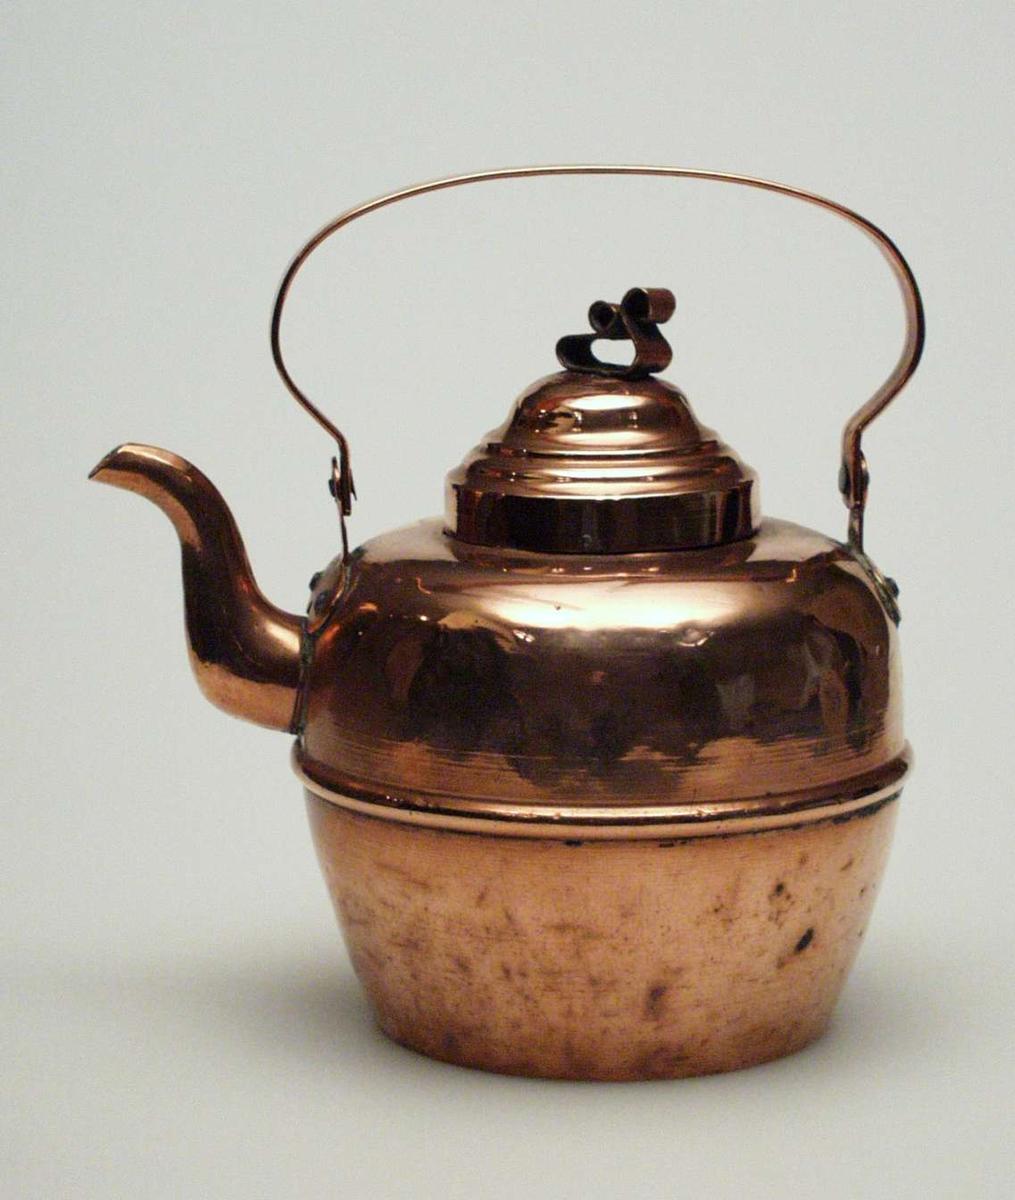 Kaffekjele i kobber med lokk. Den er beregnet til bruk på ovn. Pånittet hank. Lokket har riller og sløyfearrangement. Kjelen er fabrikkprodusert. Den er presset ut av tynne plater, ikke hamret slik kobberslagerne gjorde det.